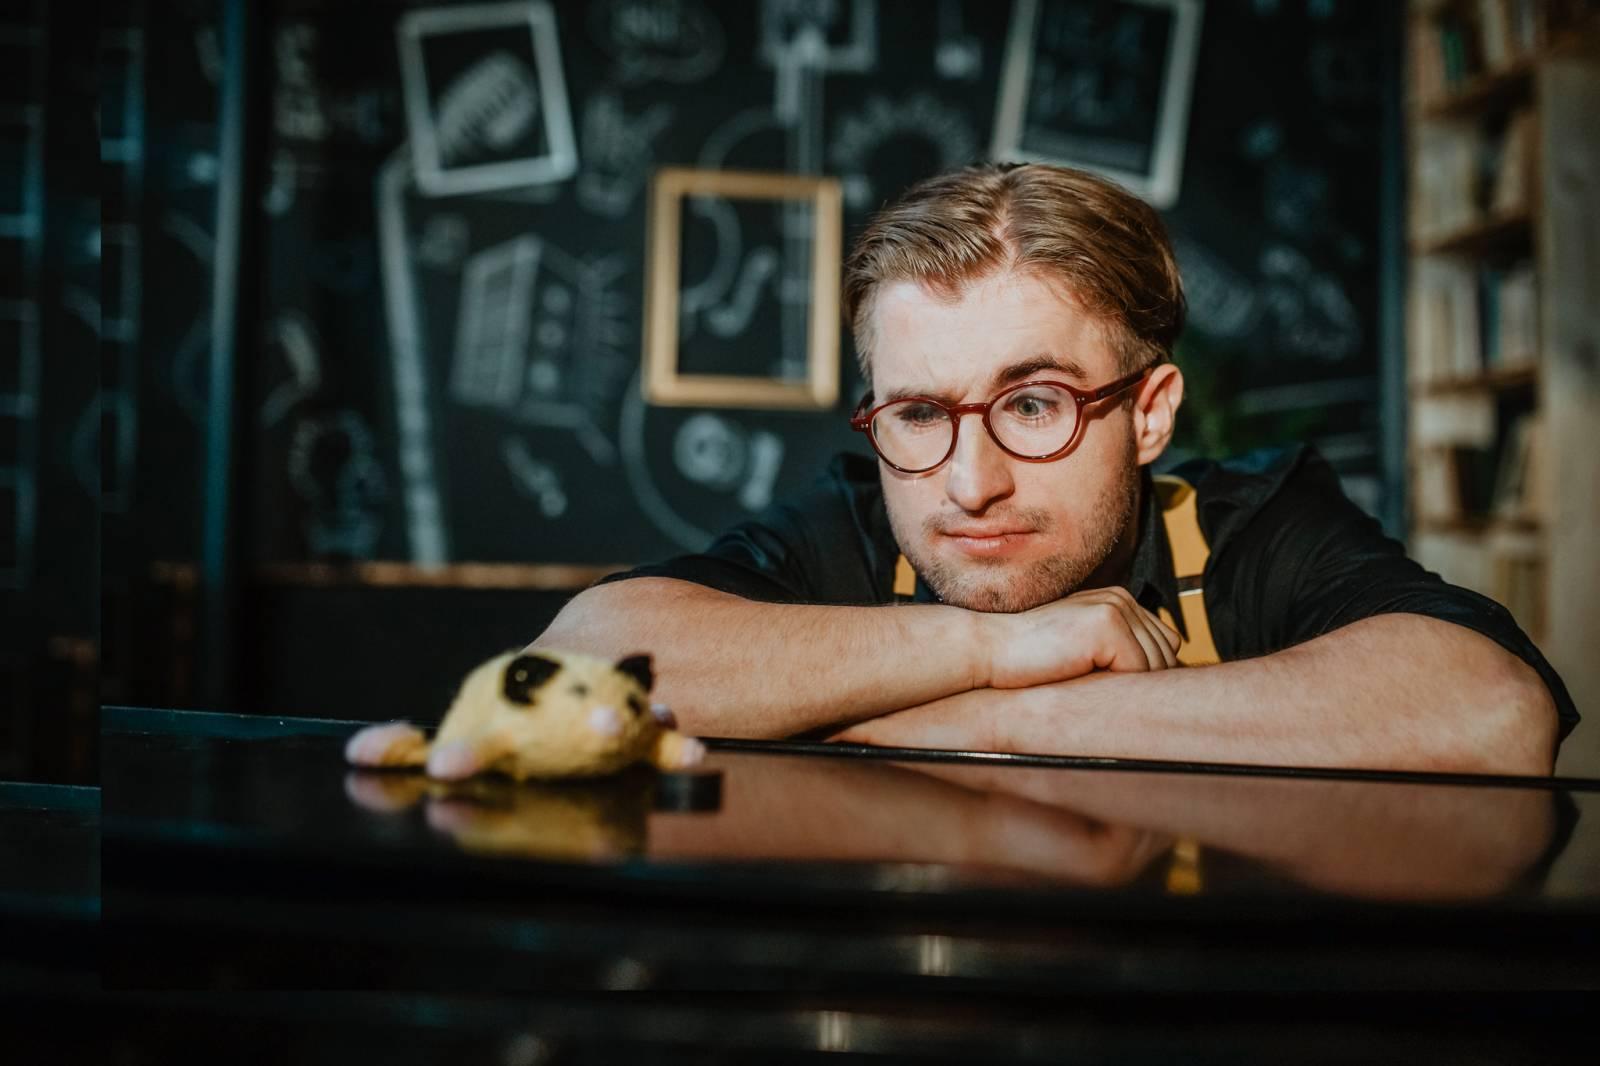 ANKETA: Jak se čeští hudebníci ohlížejí za rokem 2020? A co plánují letos? Zeptali jsme se Honzy Křížka, Jaye Kučeru ze Skywalker nebo Thoma Frödeho z Imodium